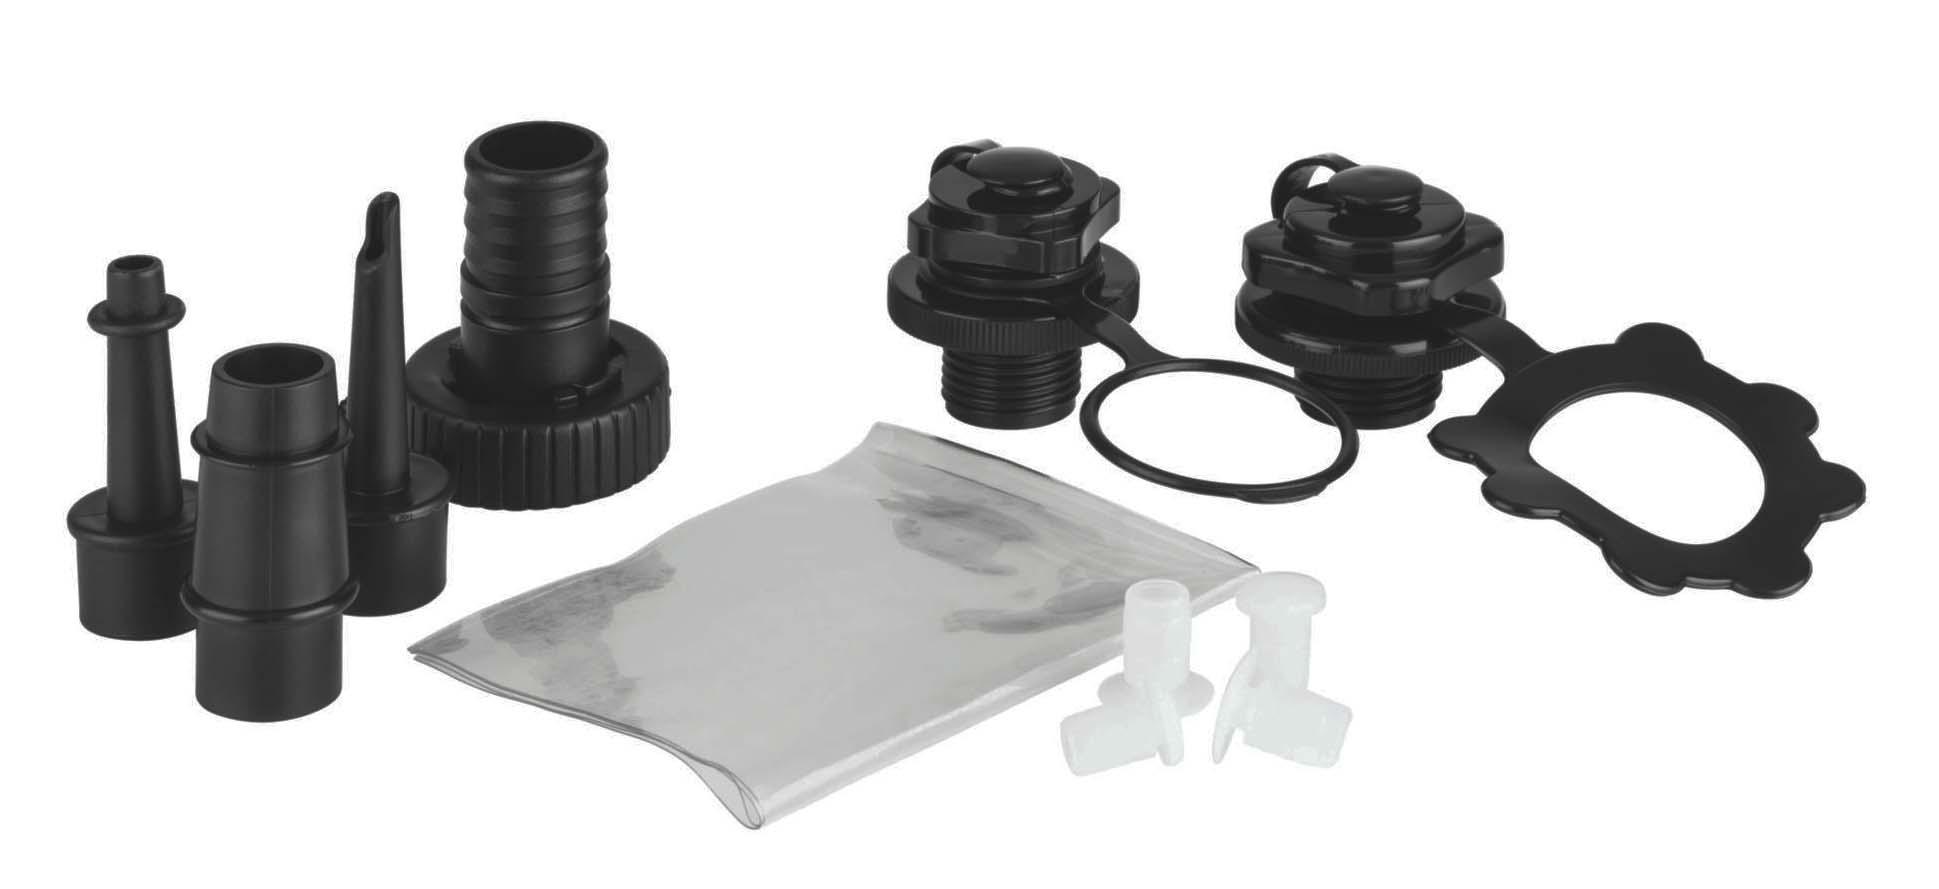 Sevylor Amp Coleman Spare Parts Kit